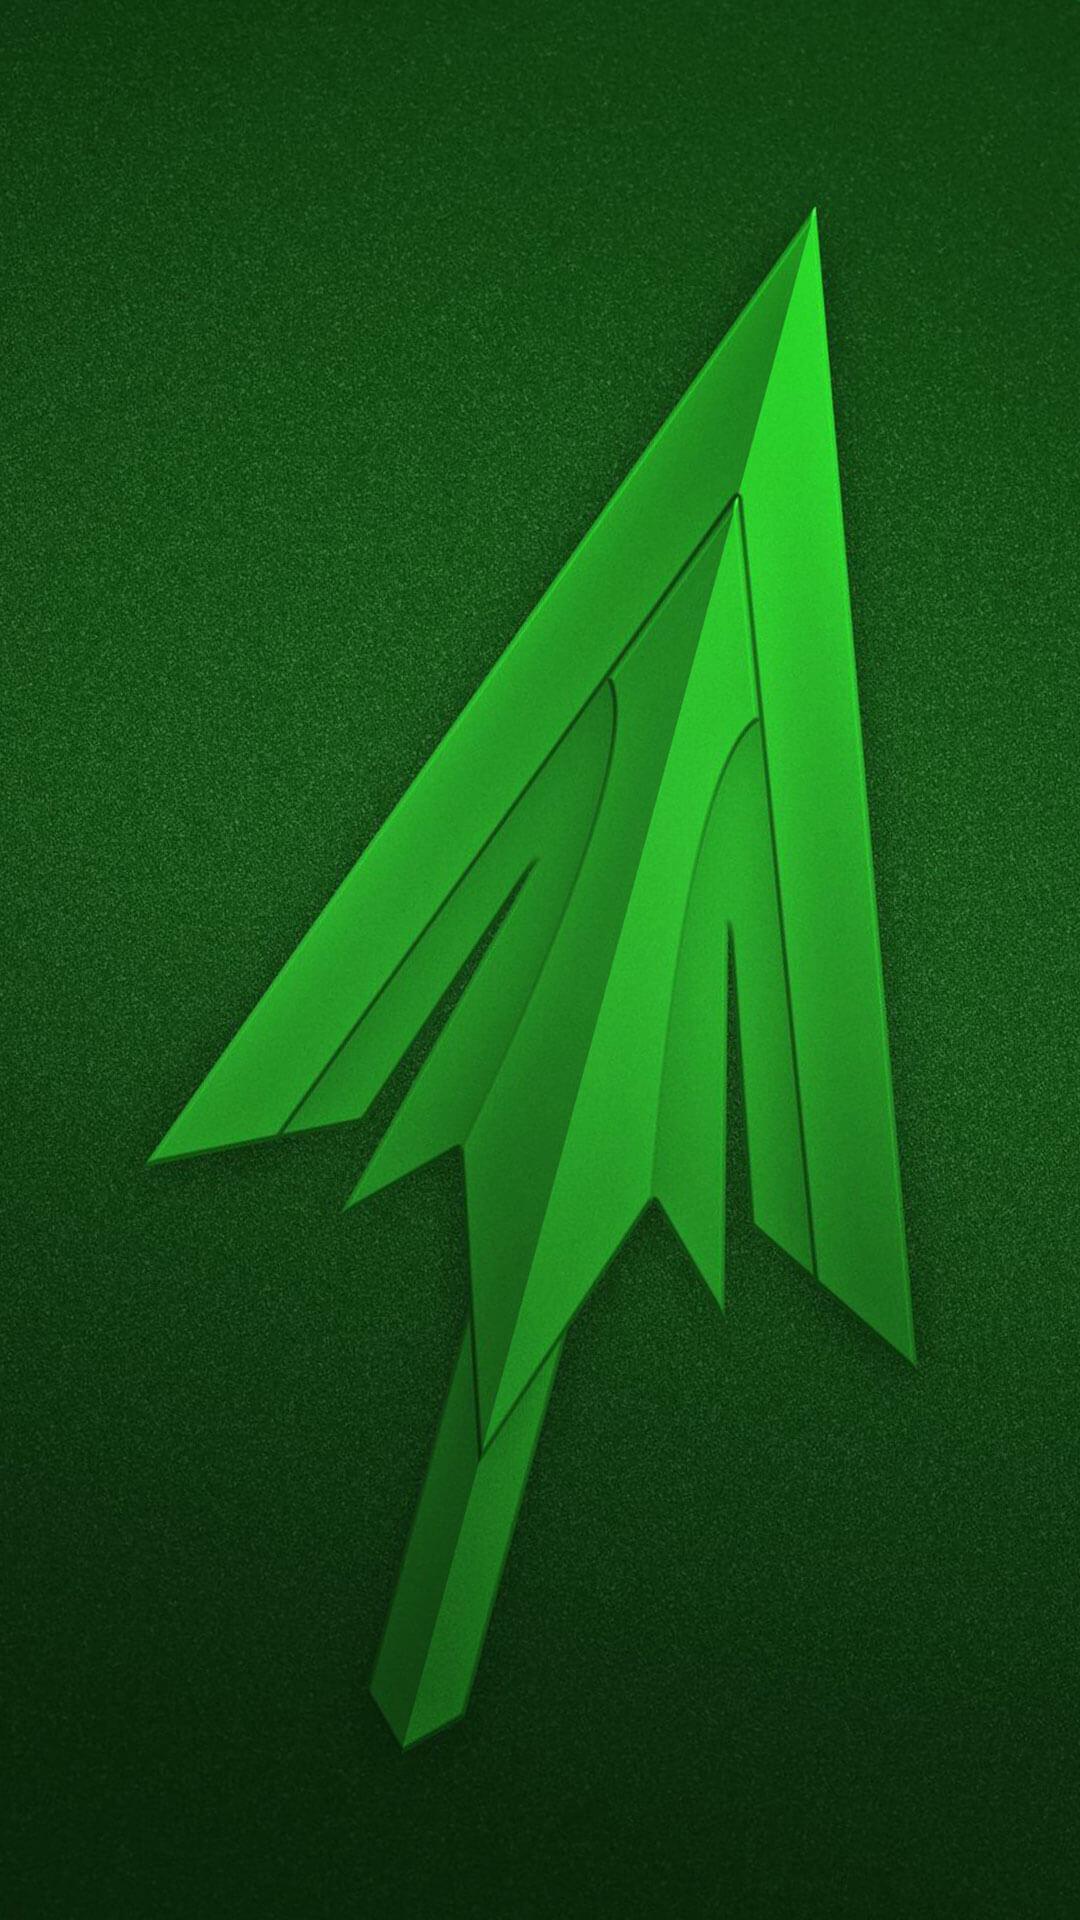 Green Arrow Wallpaper 76 Images